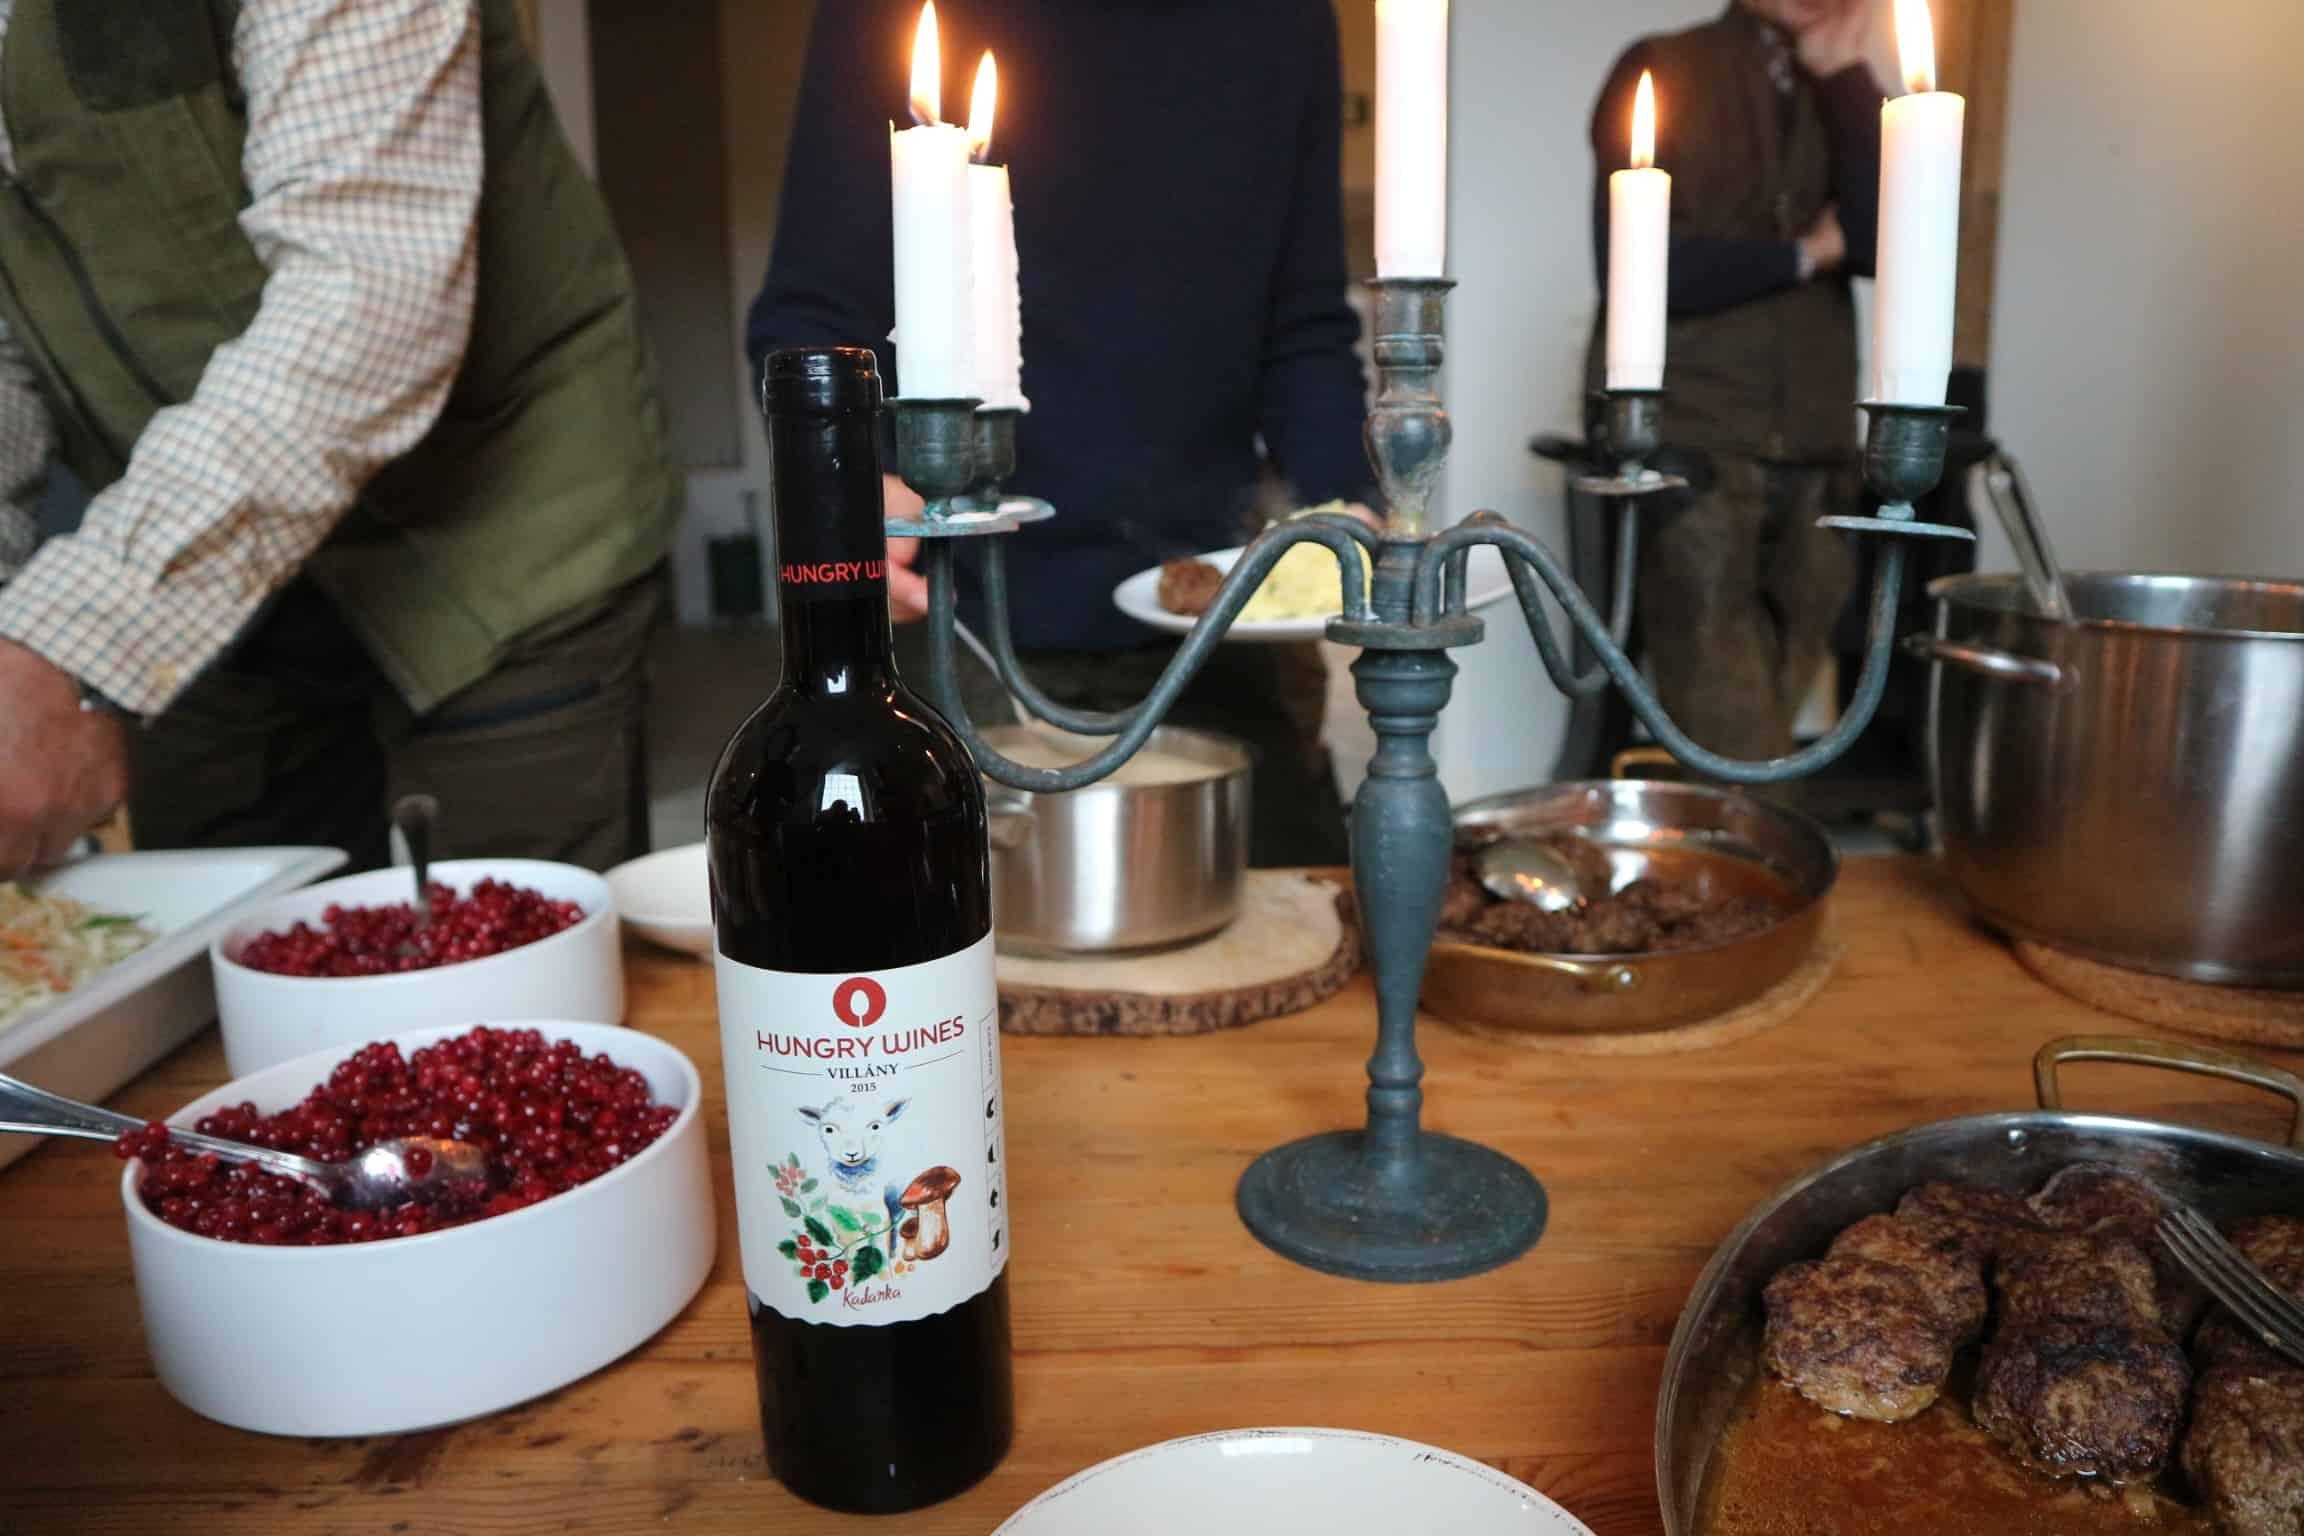 Hungry Wines Kadarka matchas med viltfärsbiffar, potatismos, gräddsås och rårörda lingon. Mums!